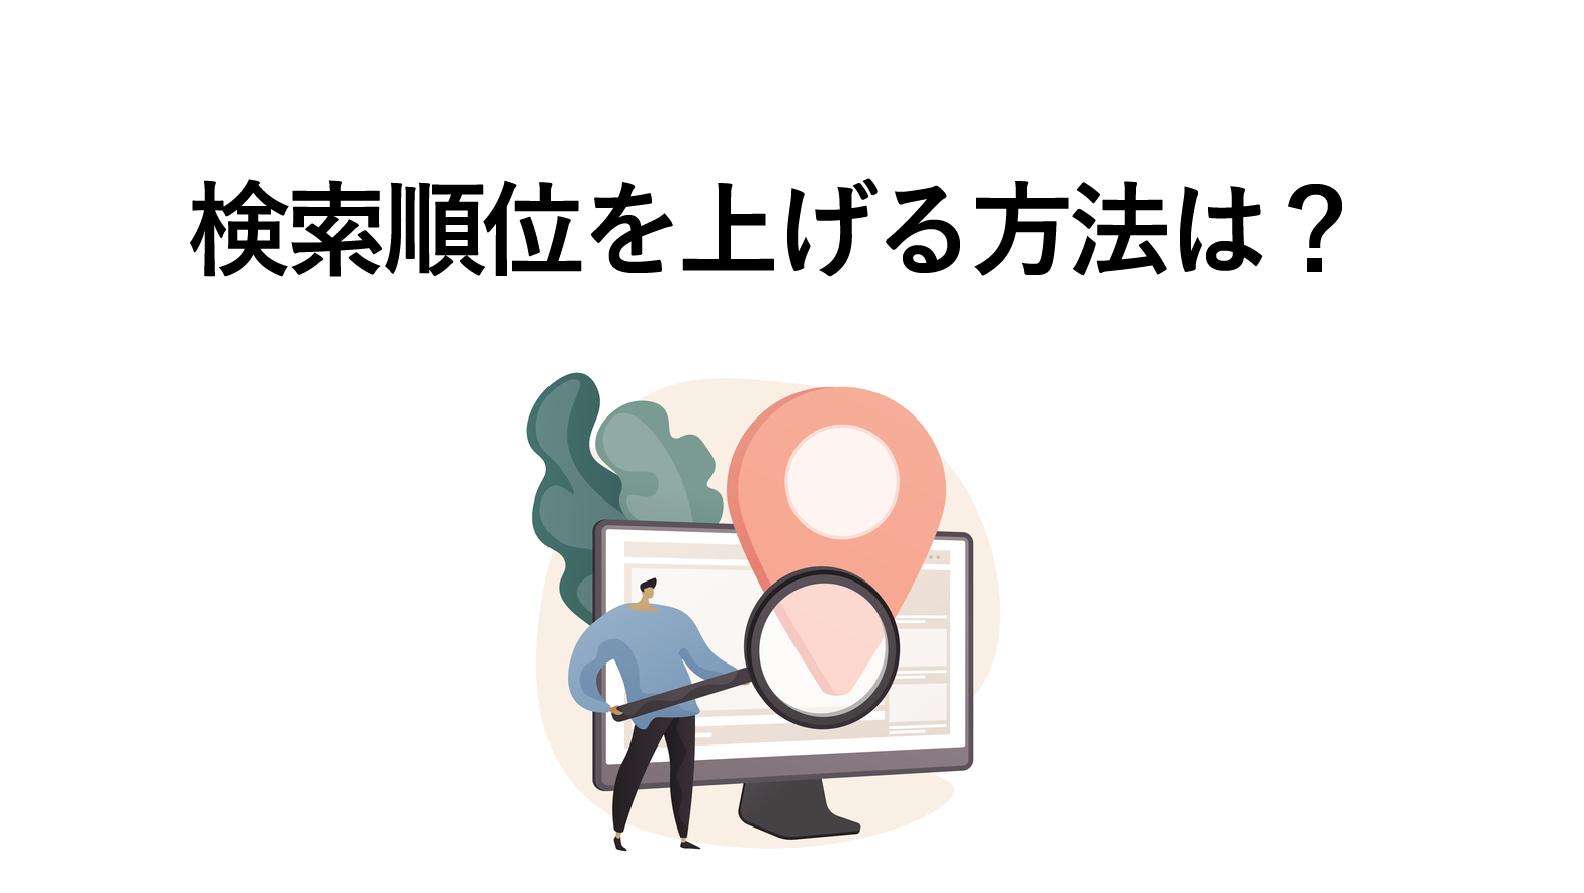 自然検索の順位とは?検索エンジンの仕組みから順位を上げる方法を解説